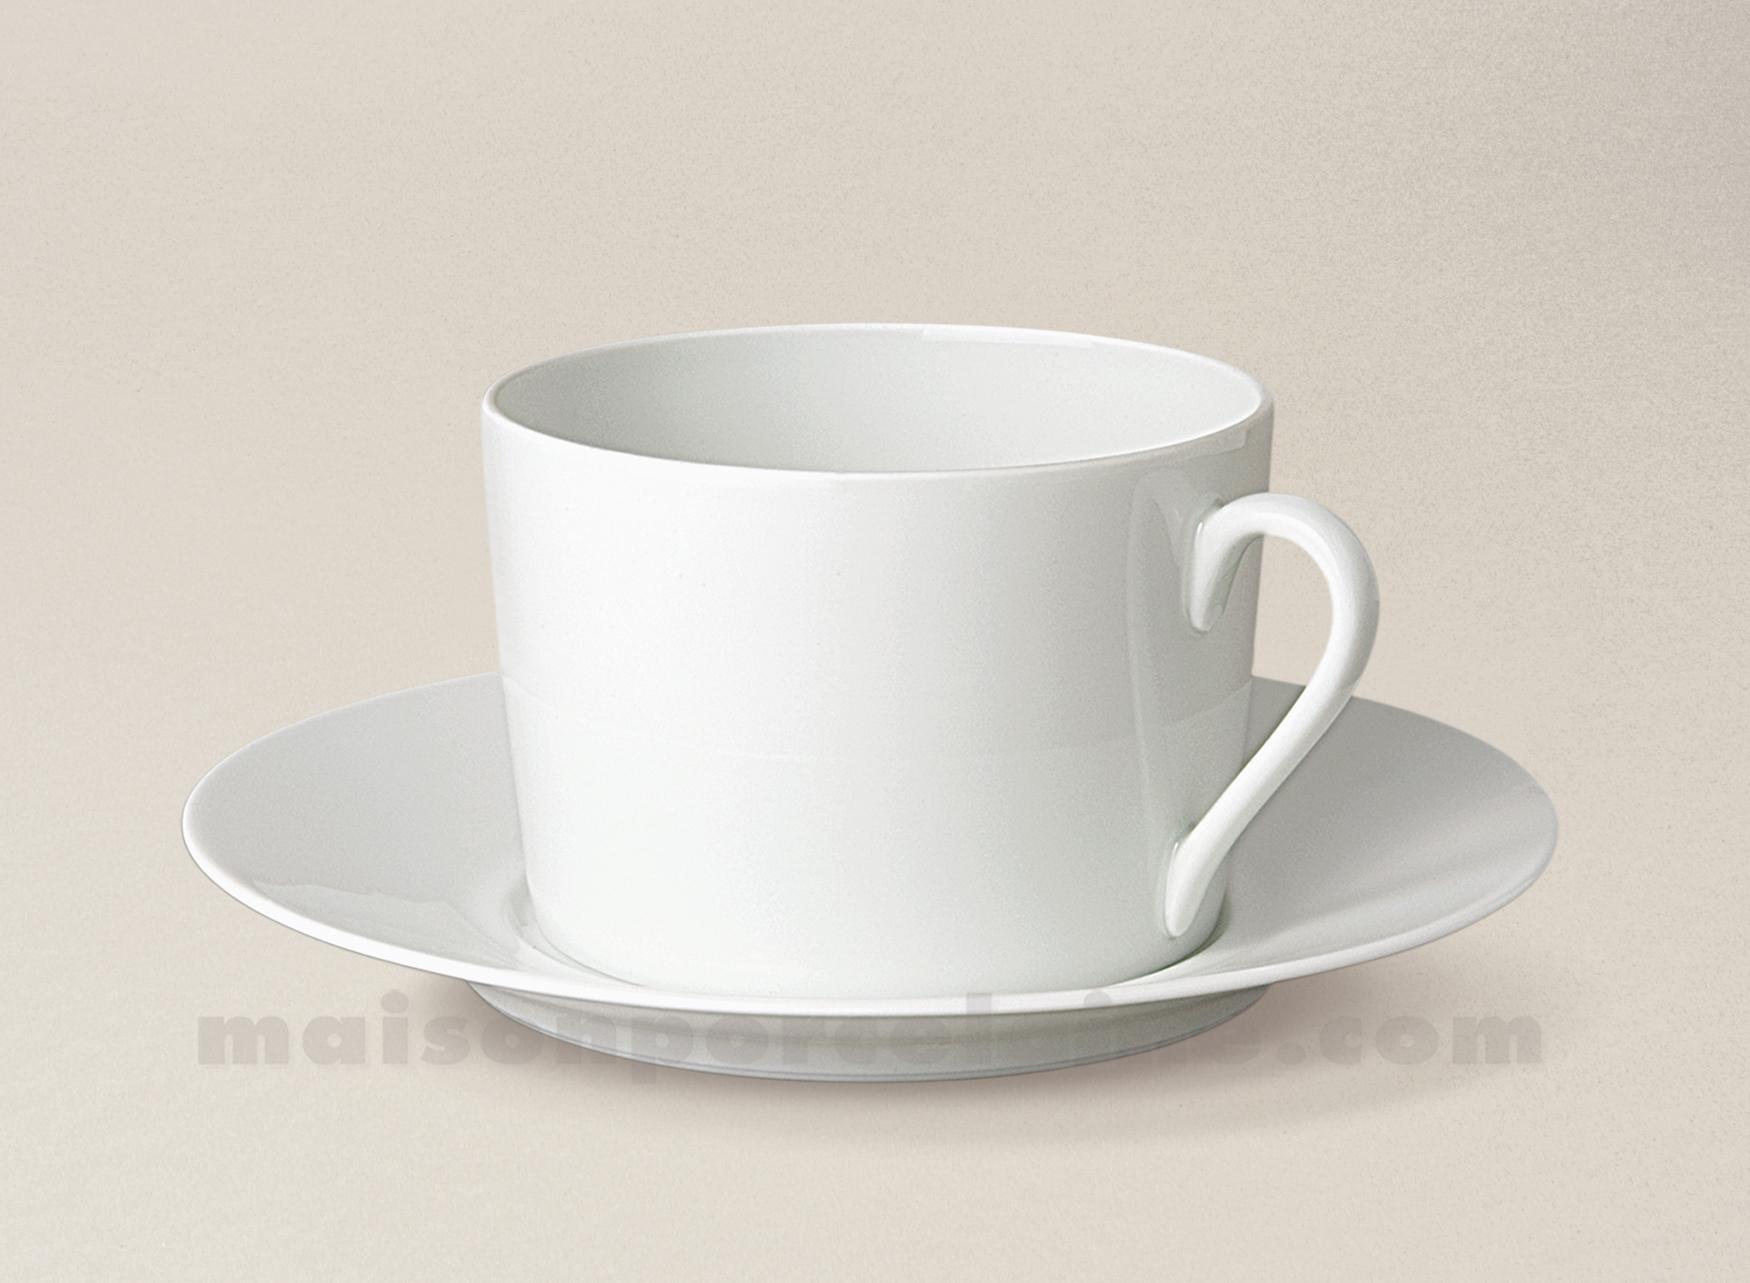 Tasse the soucoupe limoges porcelaine blanche empire 20cl - La maison de porcelaine ...